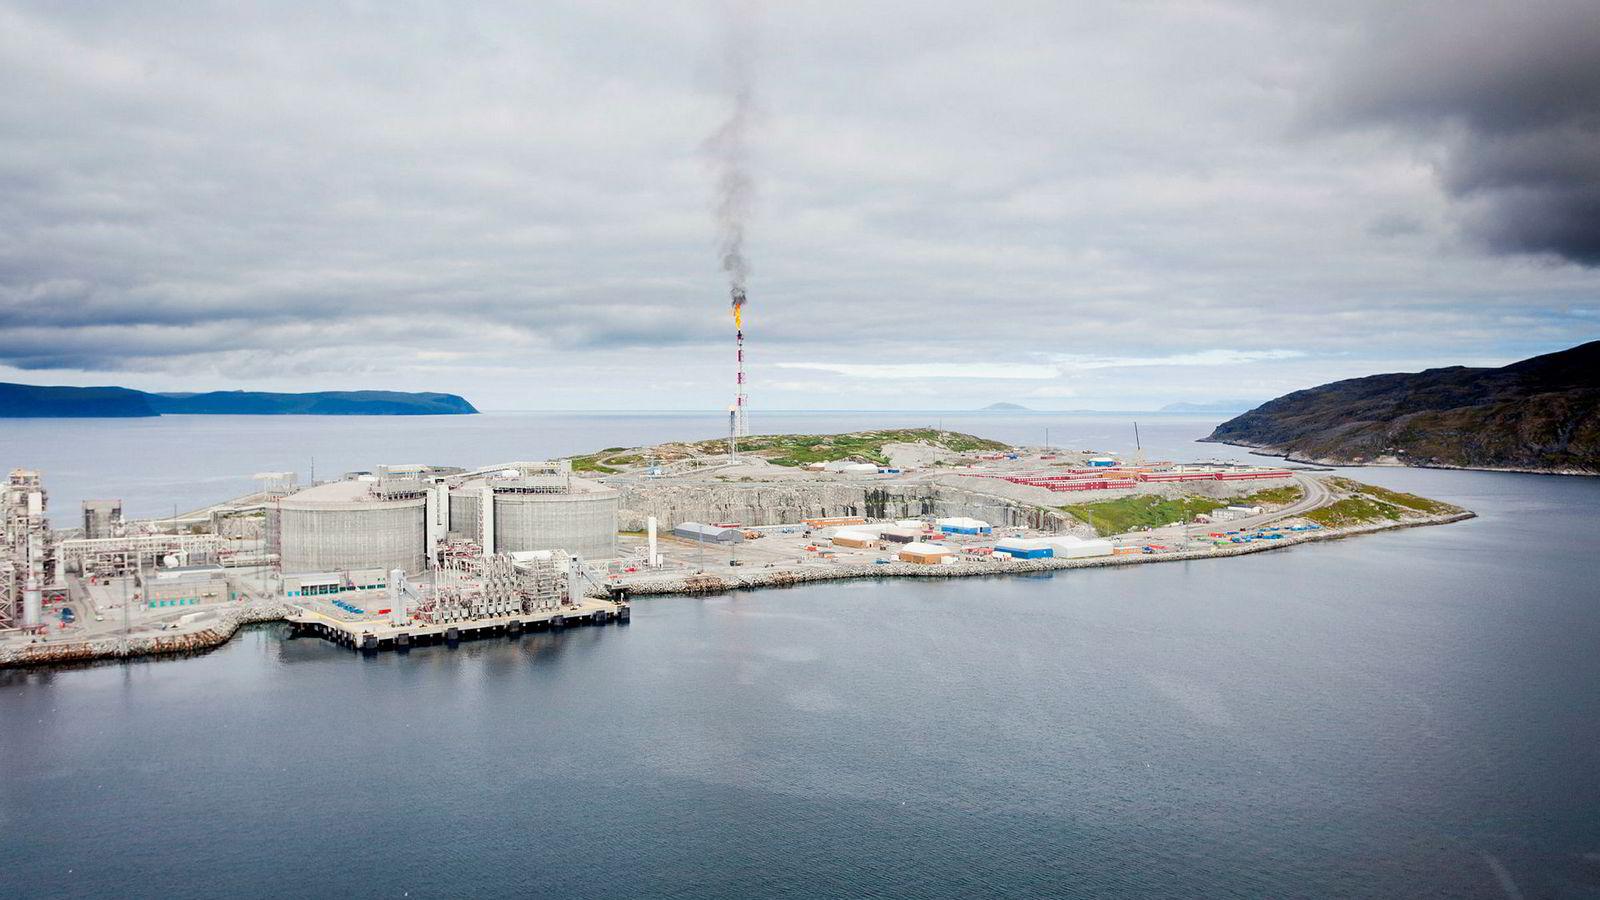 Regjeringen vil etablere havvind utenfor Melkøya, Hammerfest.